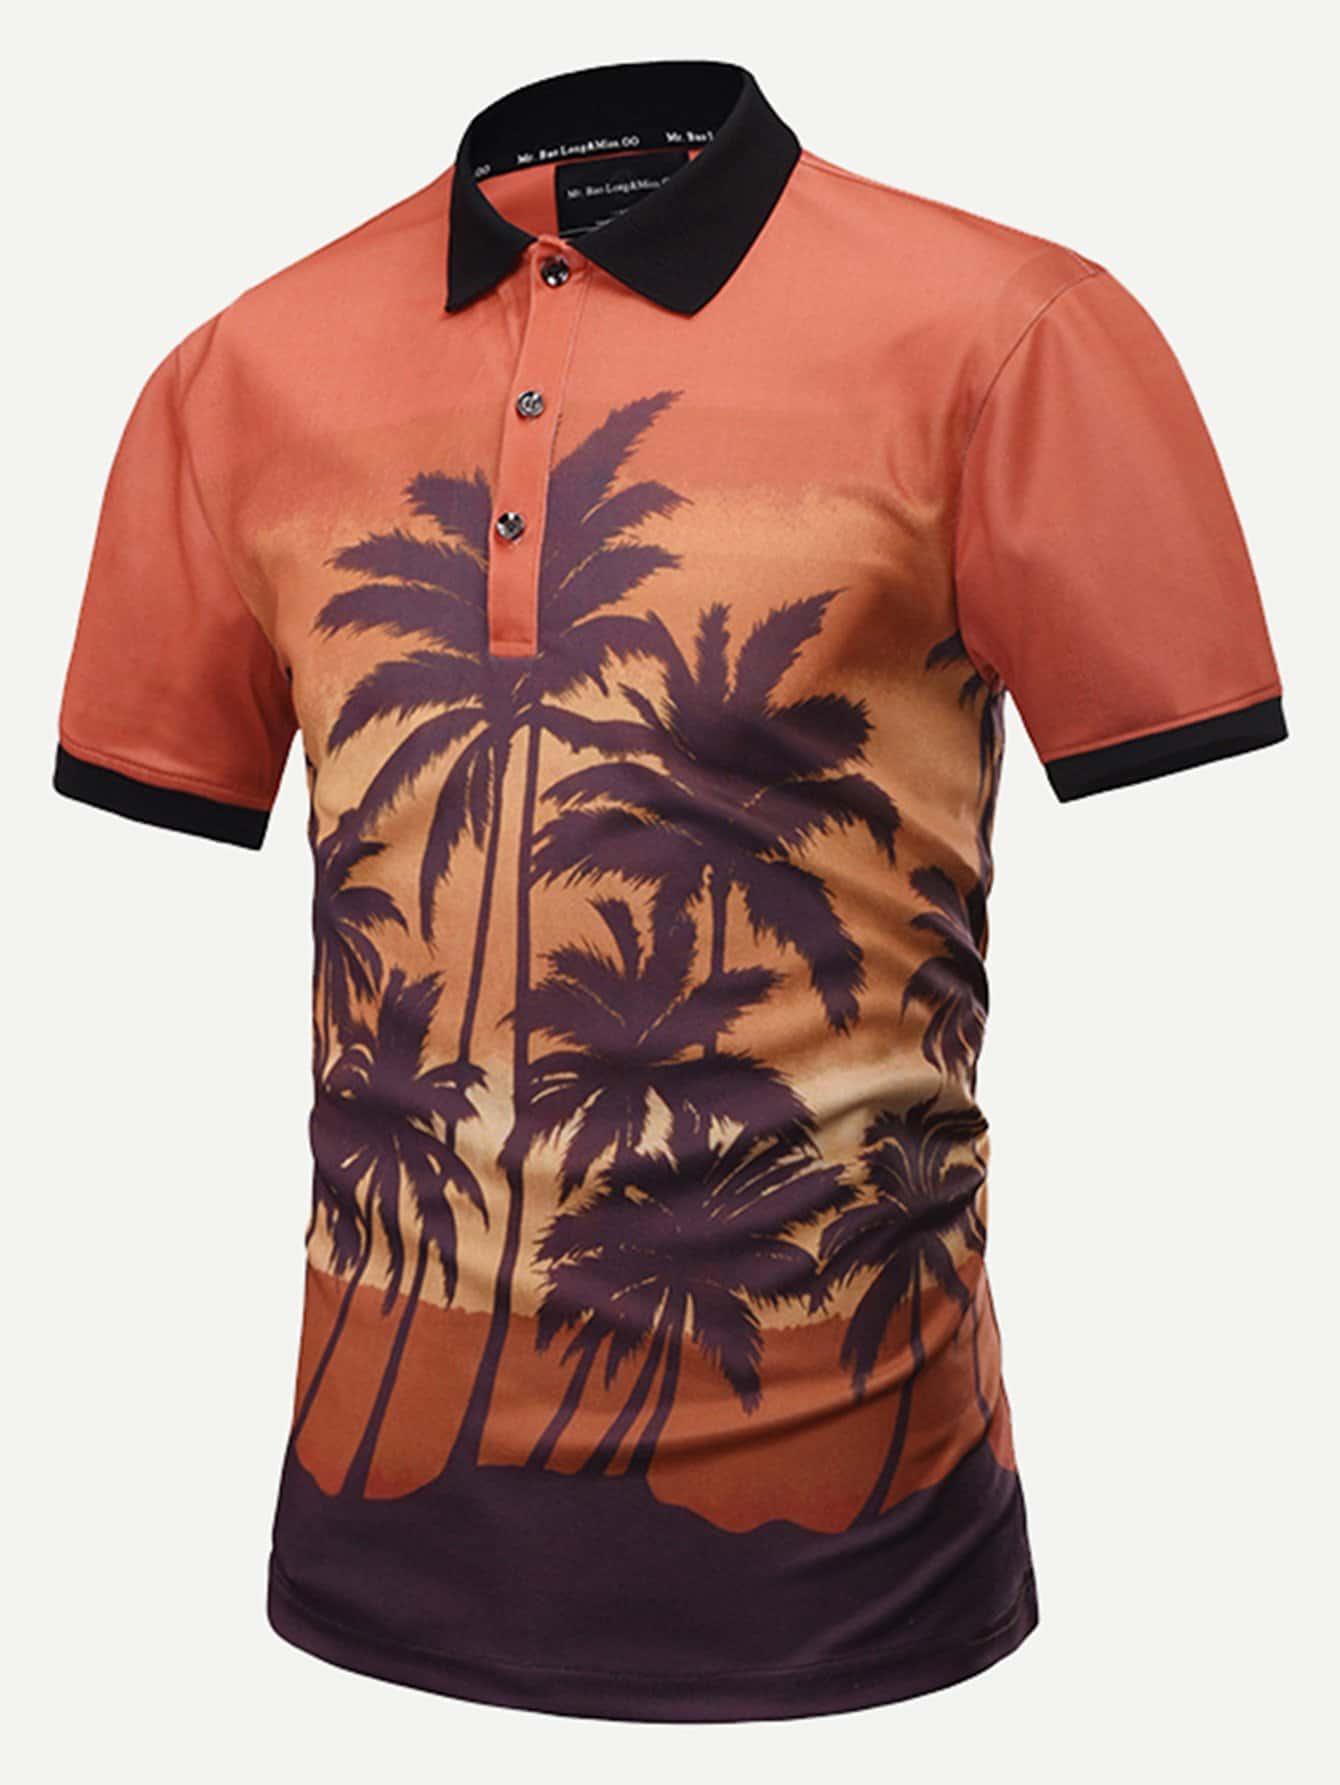 Купить Рубашка поло с принтом тропики для мужчин, null, SheIn